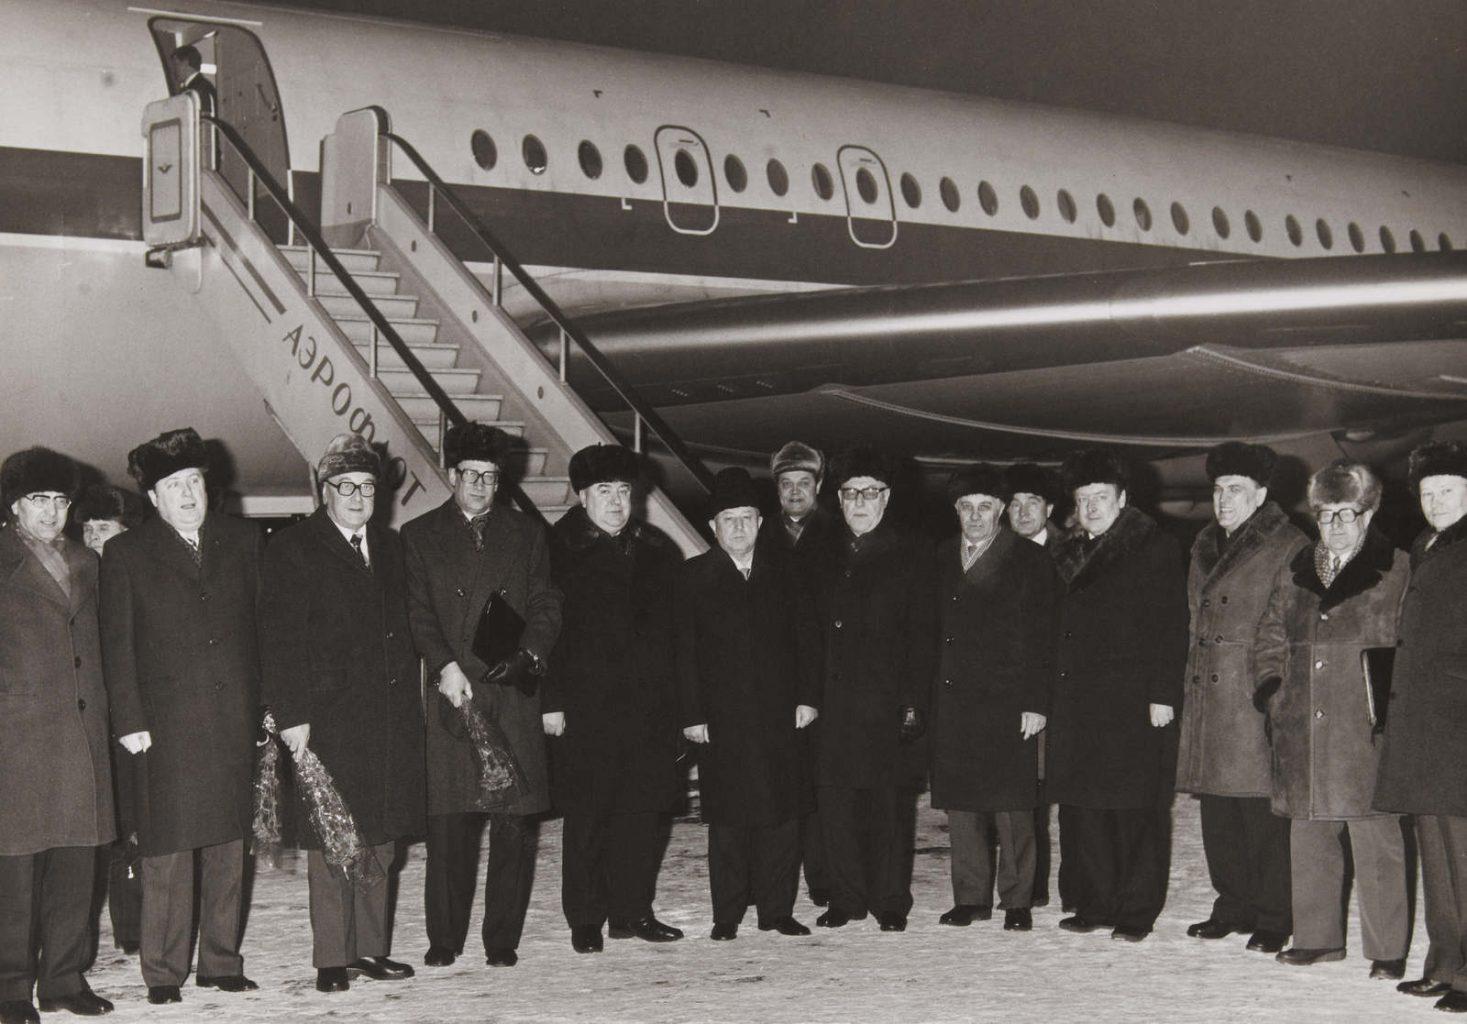 Photographie unique de la visite des chefs de la STASI de RDA (Général Erich MIELKE, Général Markus WOLF, etc.) à Moscou (URSS) durant l'hiver 1980. Aucun des services secrets occidentaux n'avait réussi à photographier Markus WOLF (dit « l'homme sans visage »), chef du HV A (renseignements extérieurs de la STASI) durant la période de la guerre froide, ce qui rend cette photo « unique ». La photo est prise au pied d'un avion de l'Aeroflot et montre 3 présidents successifs du KGB (5ème à gauche : Vitaly FEDORCHUK (président en 1988), 8ème à gauche : Viktor CHEBRIKOV (président de 1982 à 1988), et à l'extrême droite : Vladimir KRYUCHKOV (président de 1988 à 1991)), en présence des Généraux de la STASI Markus WOLF (4ème à gauche) et Erich MIELKE (6ème à gauche).